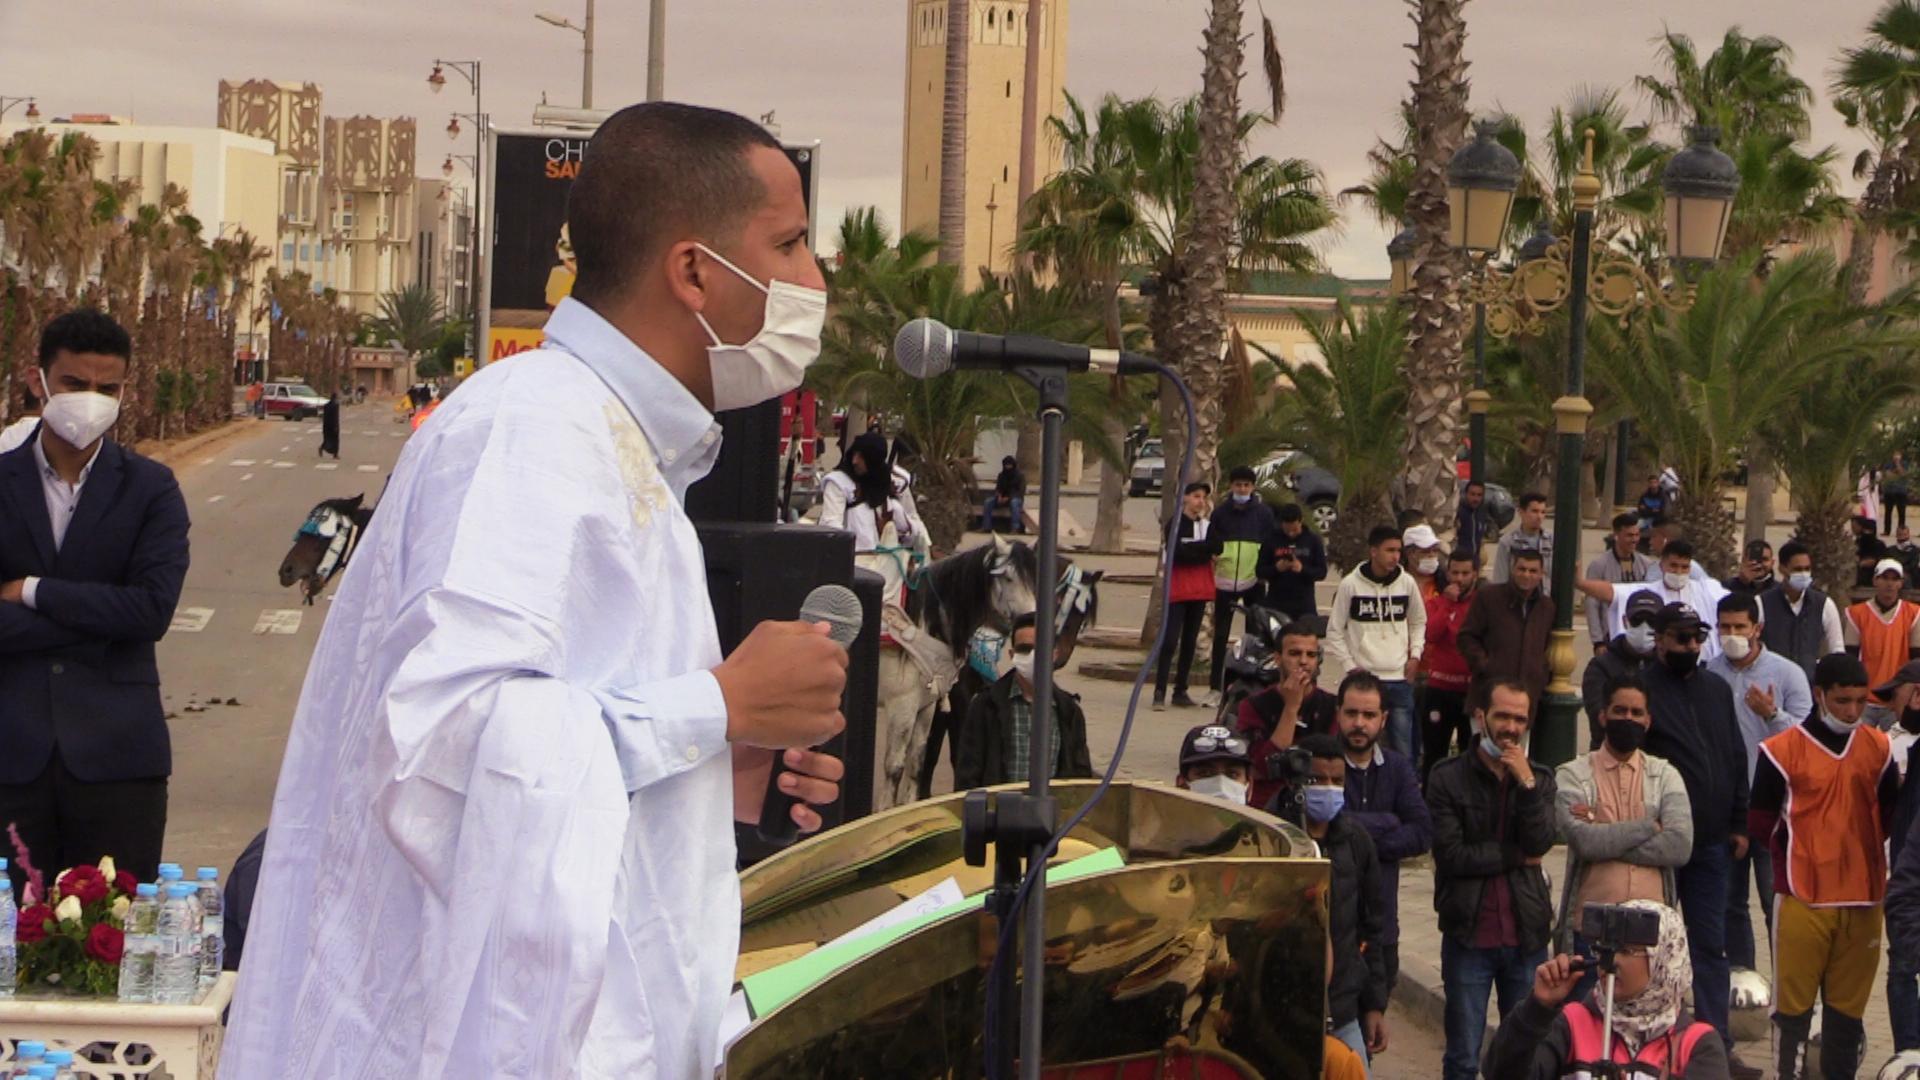 بالفيديو الرسائل التي ارسلها المستشار البرلماني محمد الرزمة بساحة المشور للجزائر والبوليساريو